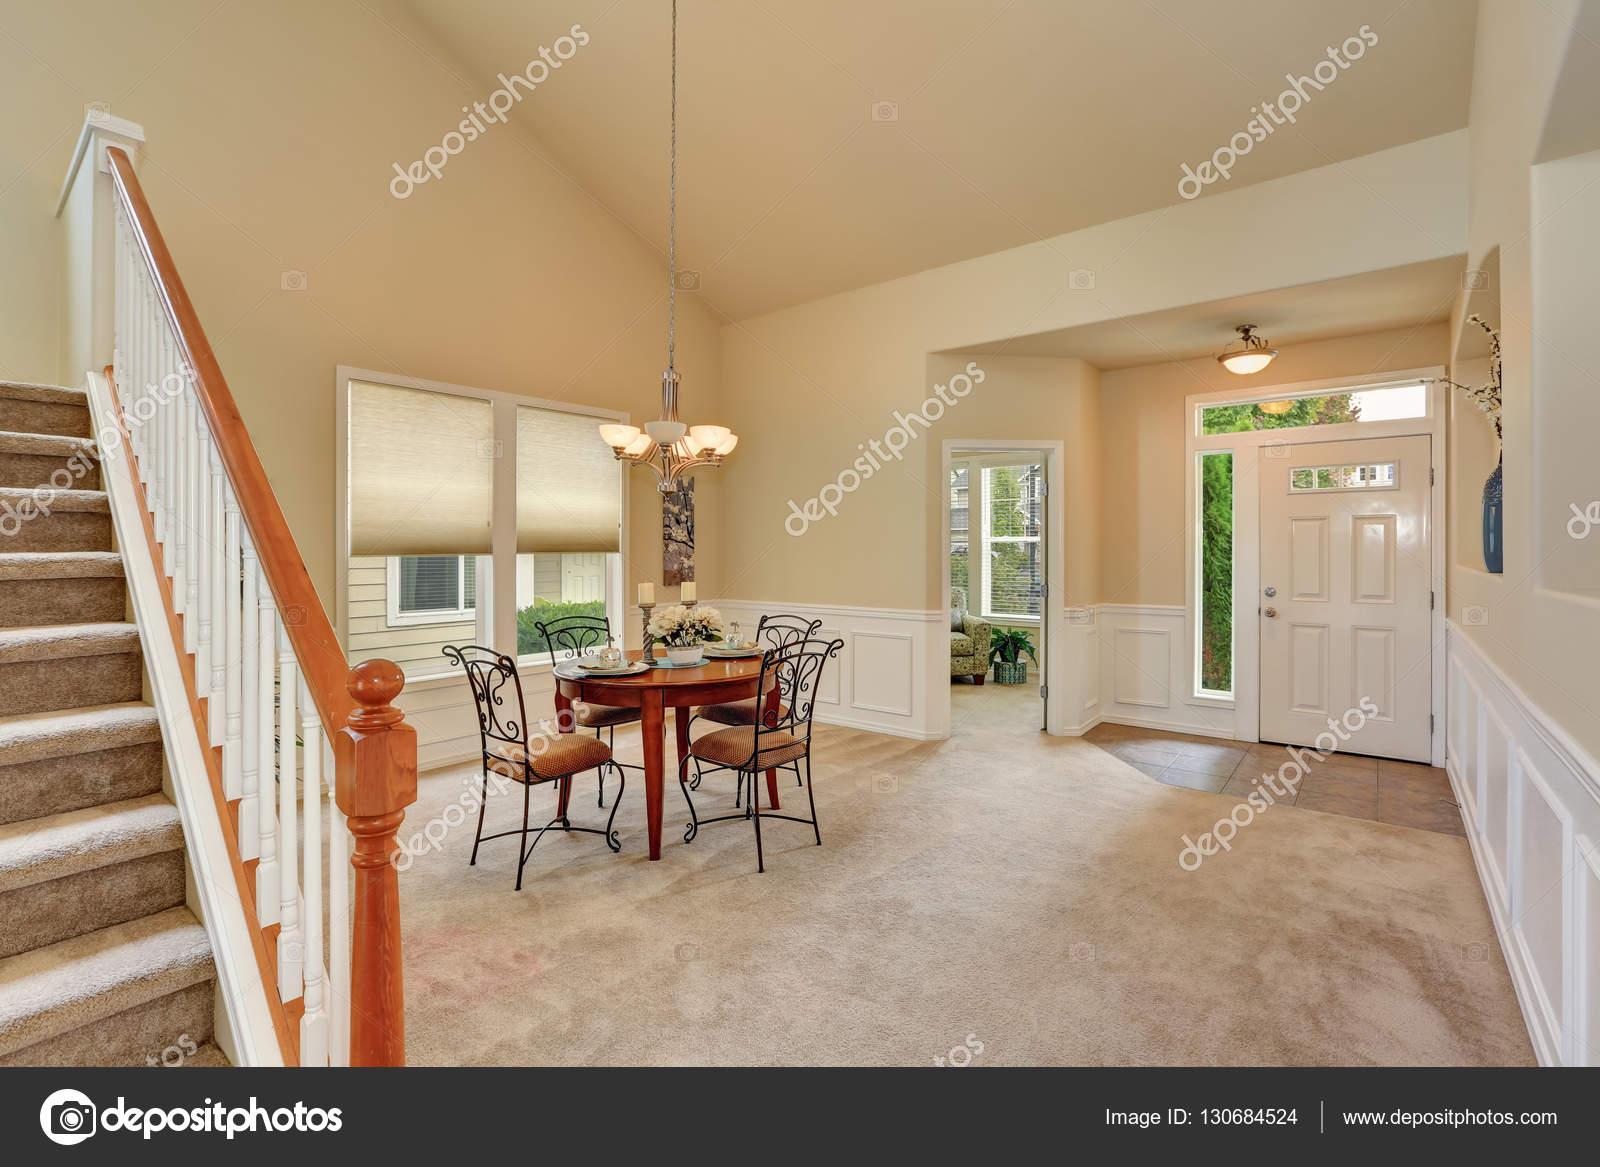 Beige Esszimmer Einrichtung Mit Hoher Decke Und Treppe. Eleganter Tisch  Einstellung Und Schmiedeeisernen Stühlen. Nordwesten, Usa U2014 Foto Von  Iriana88w